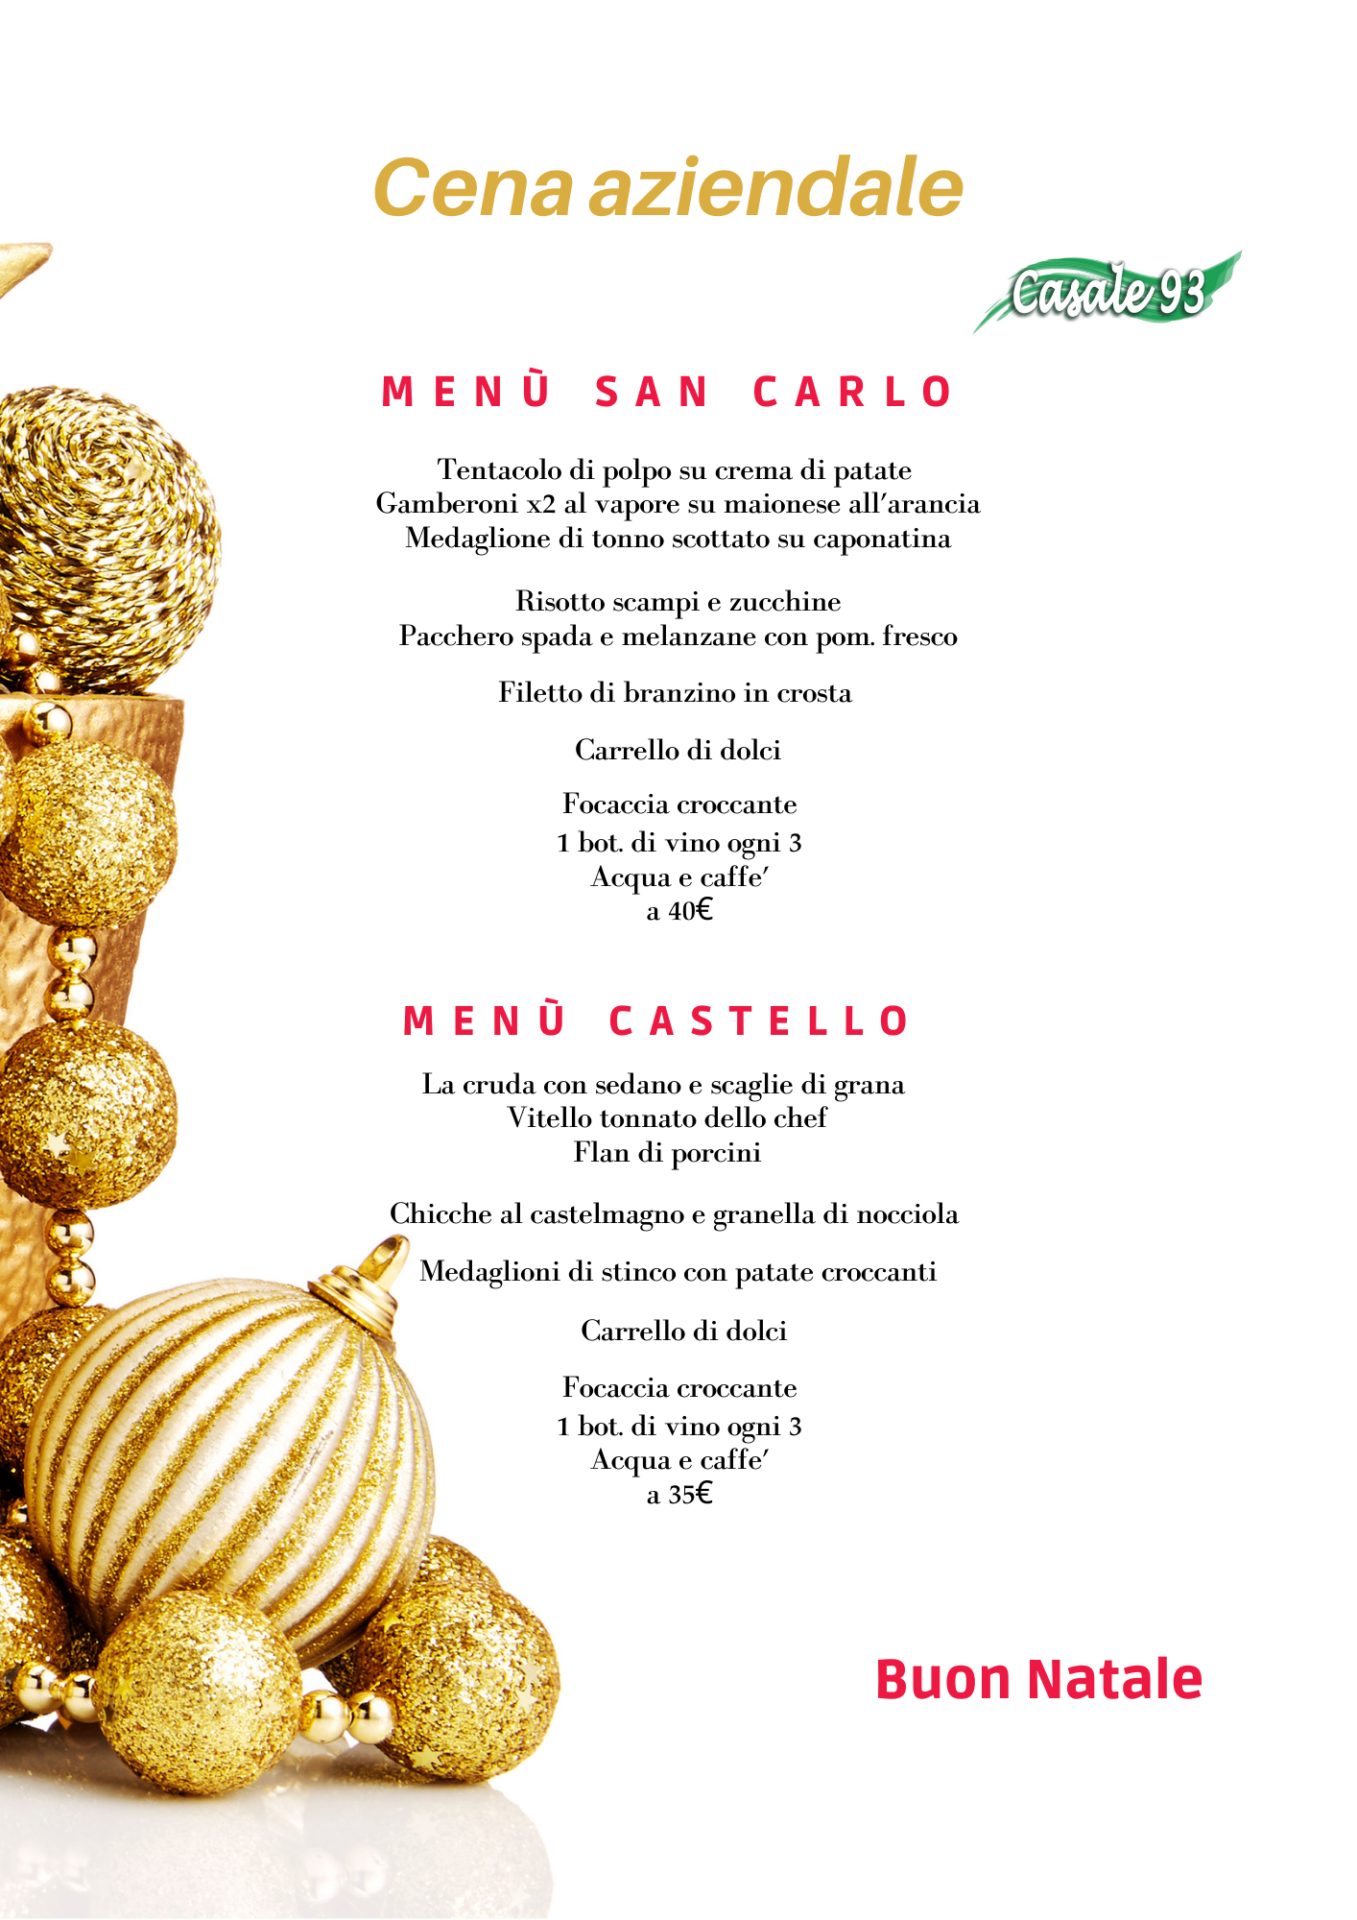 Menu_cena_aziendale_Casale93_gold